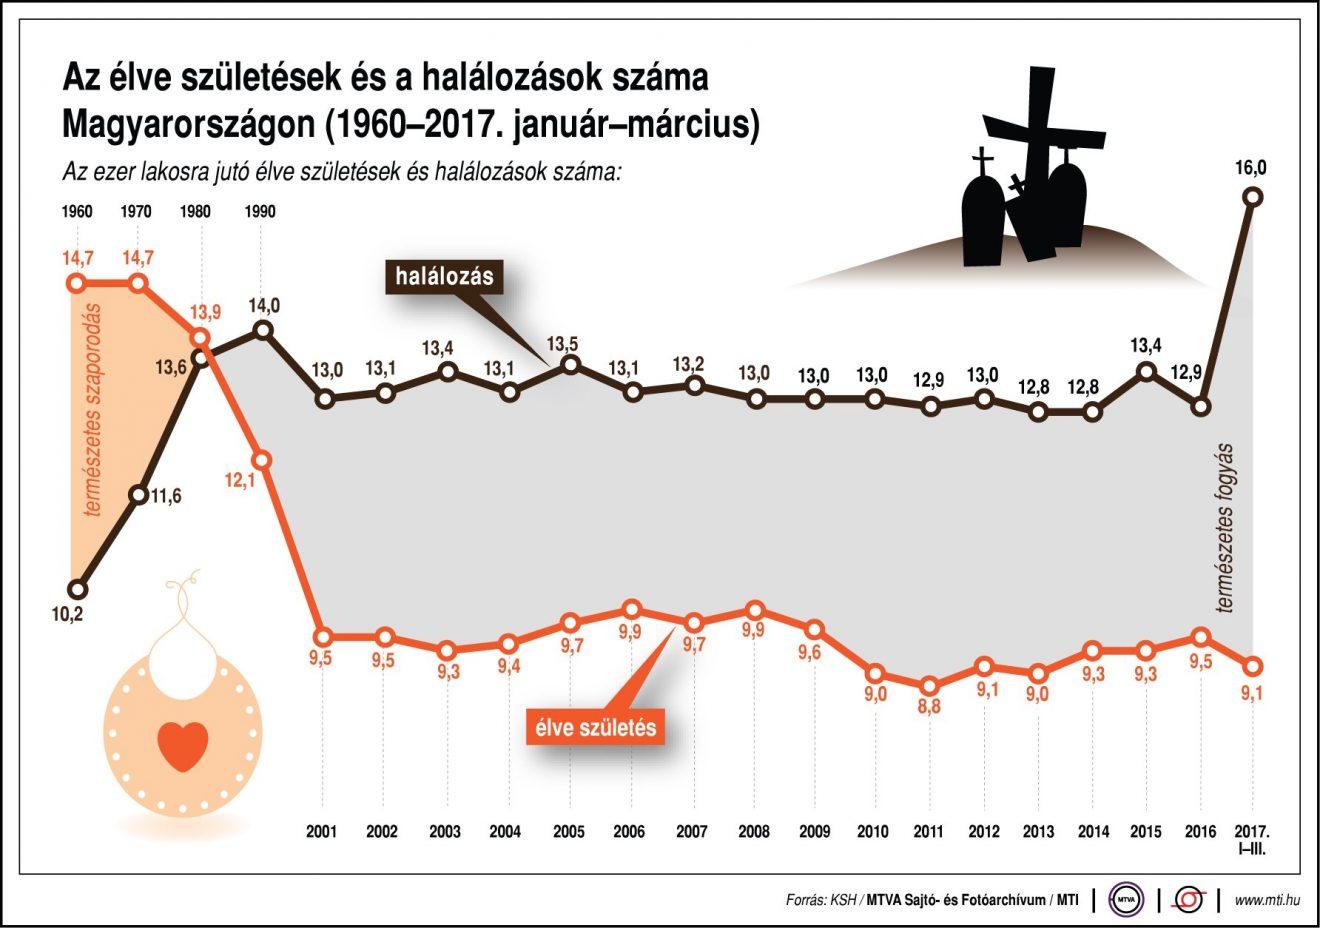 Fogyni szerkesztés súlya - feketebaranypanzio.hu